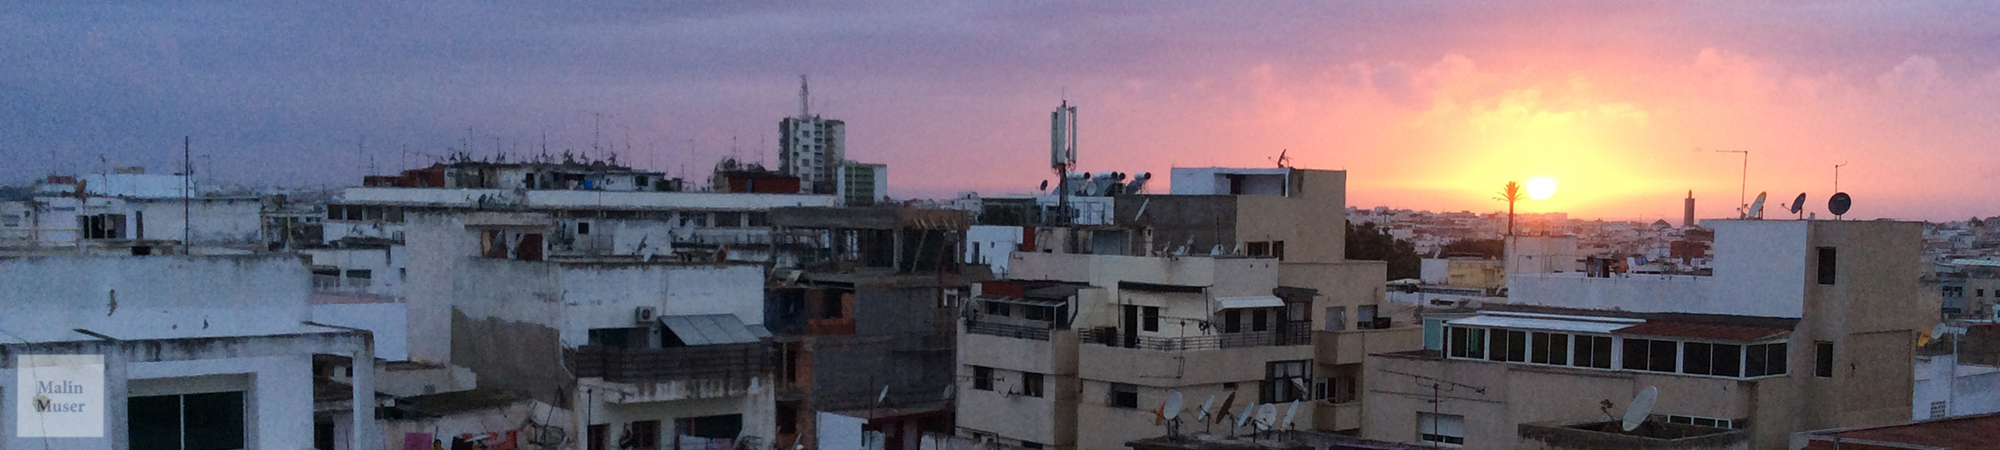 Blick auf Rabat im untergehenden Sonnenlicht (Marokko)